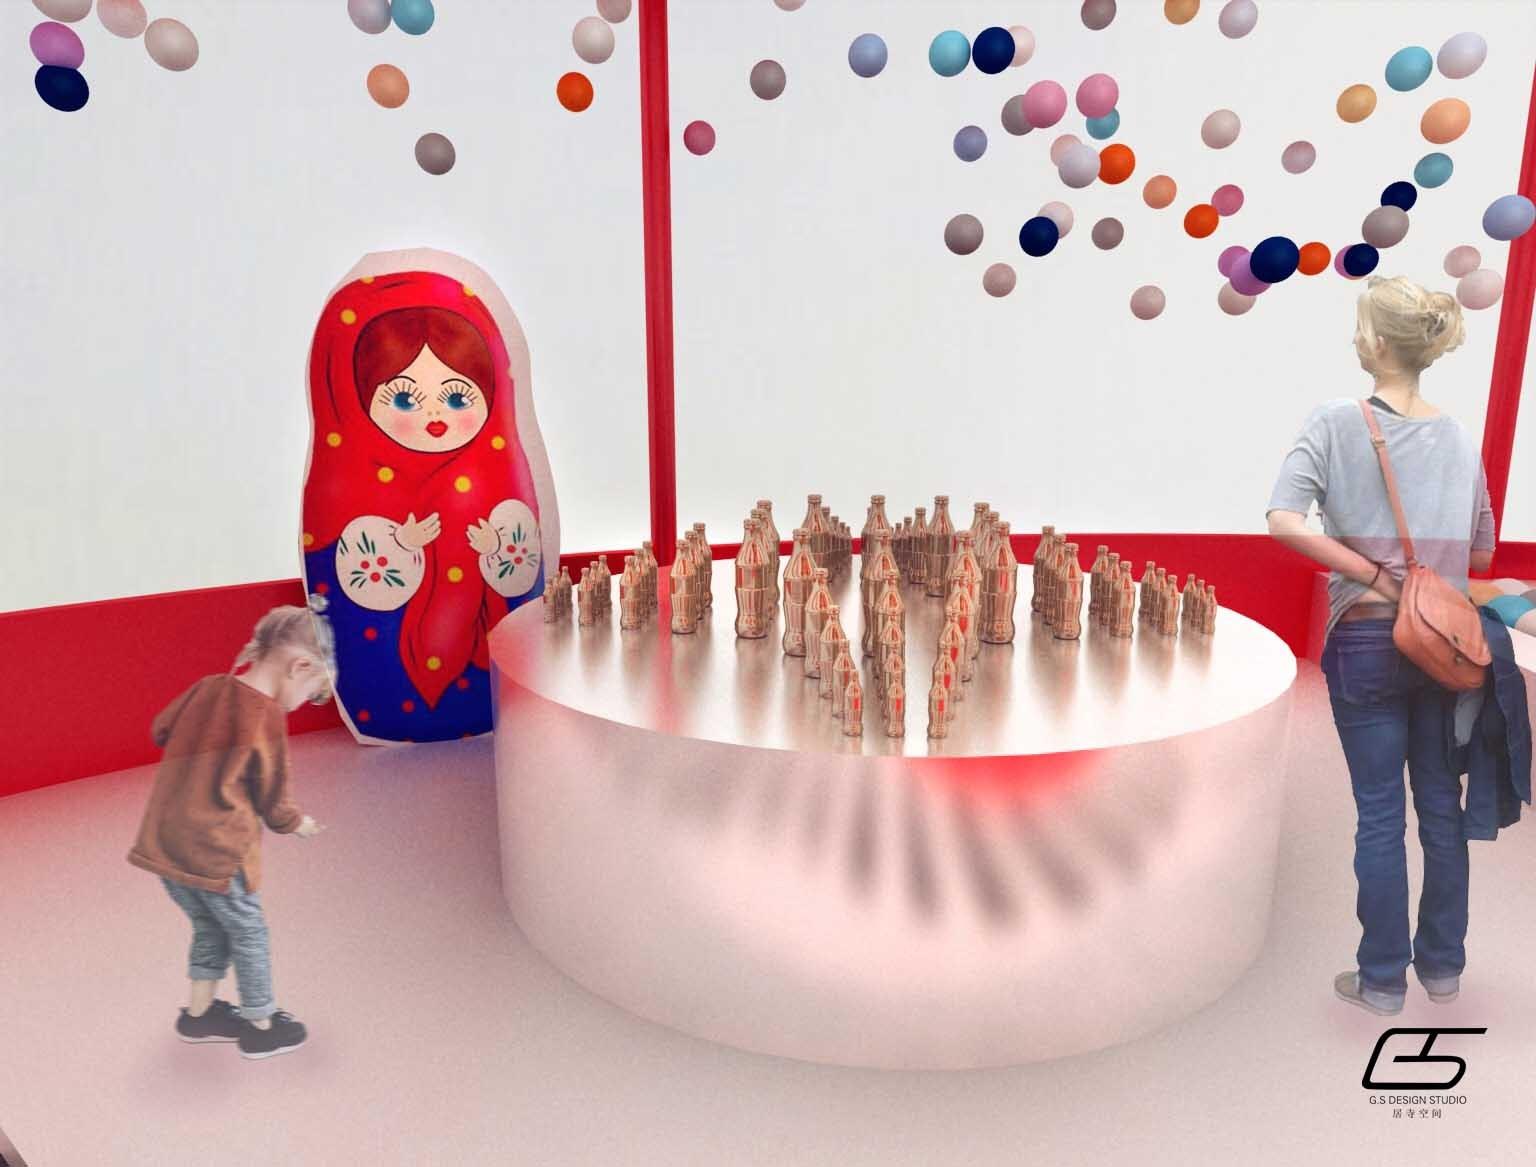 gs project - 可口可乐世界杯路演|空间|展示设计 |居图片